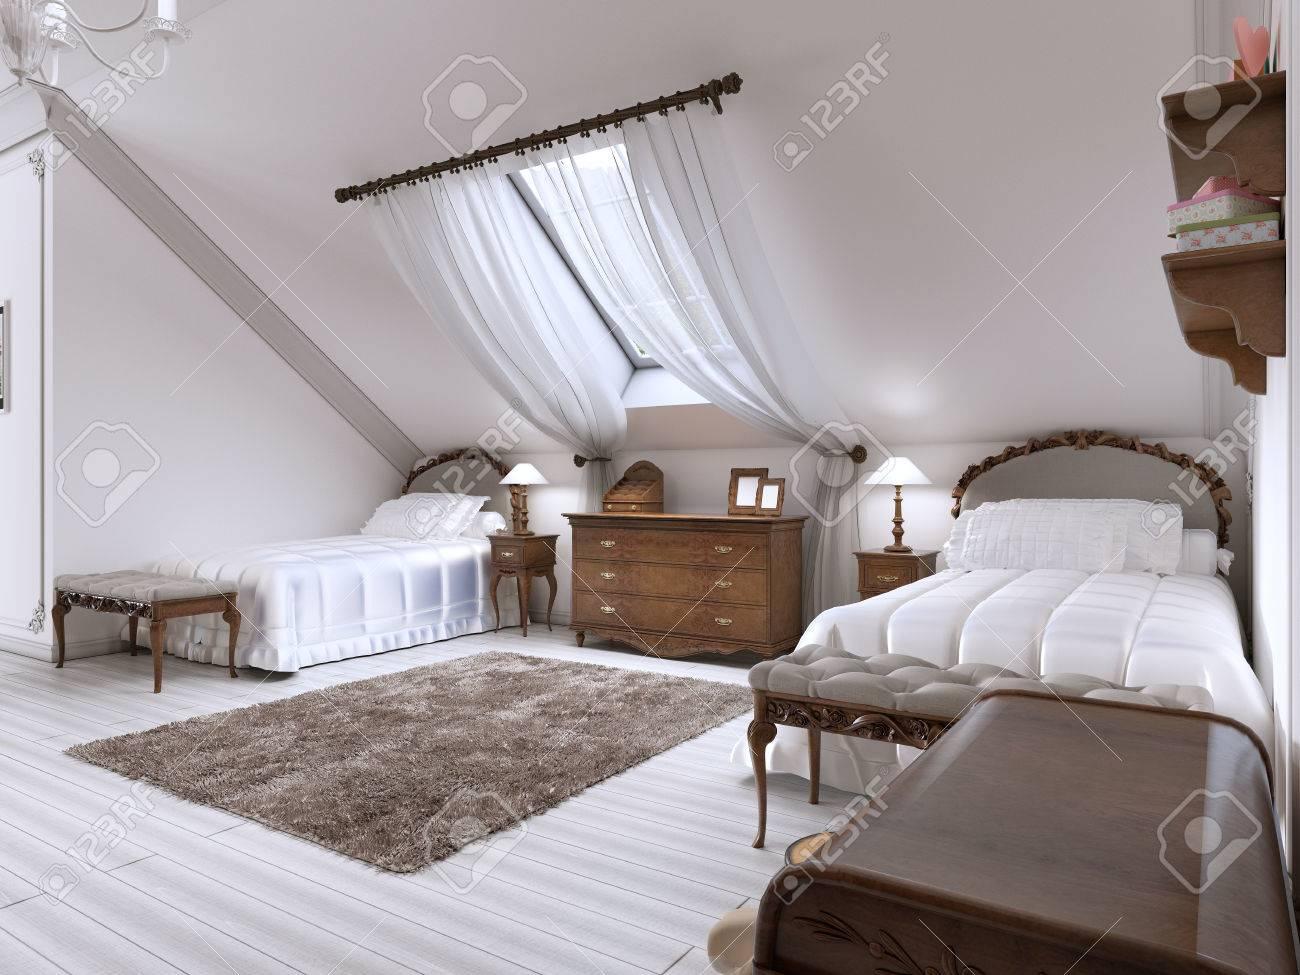 Full Size of Esstisch 160 Ausziehbar Außergewöhnliche Betten 120x200 Holz Glas 200x220 Bett Aus Paletten Kaufen Frankfurt Mit Matratze Und Lattenrost 140x200 Bett Betten Aus Holz